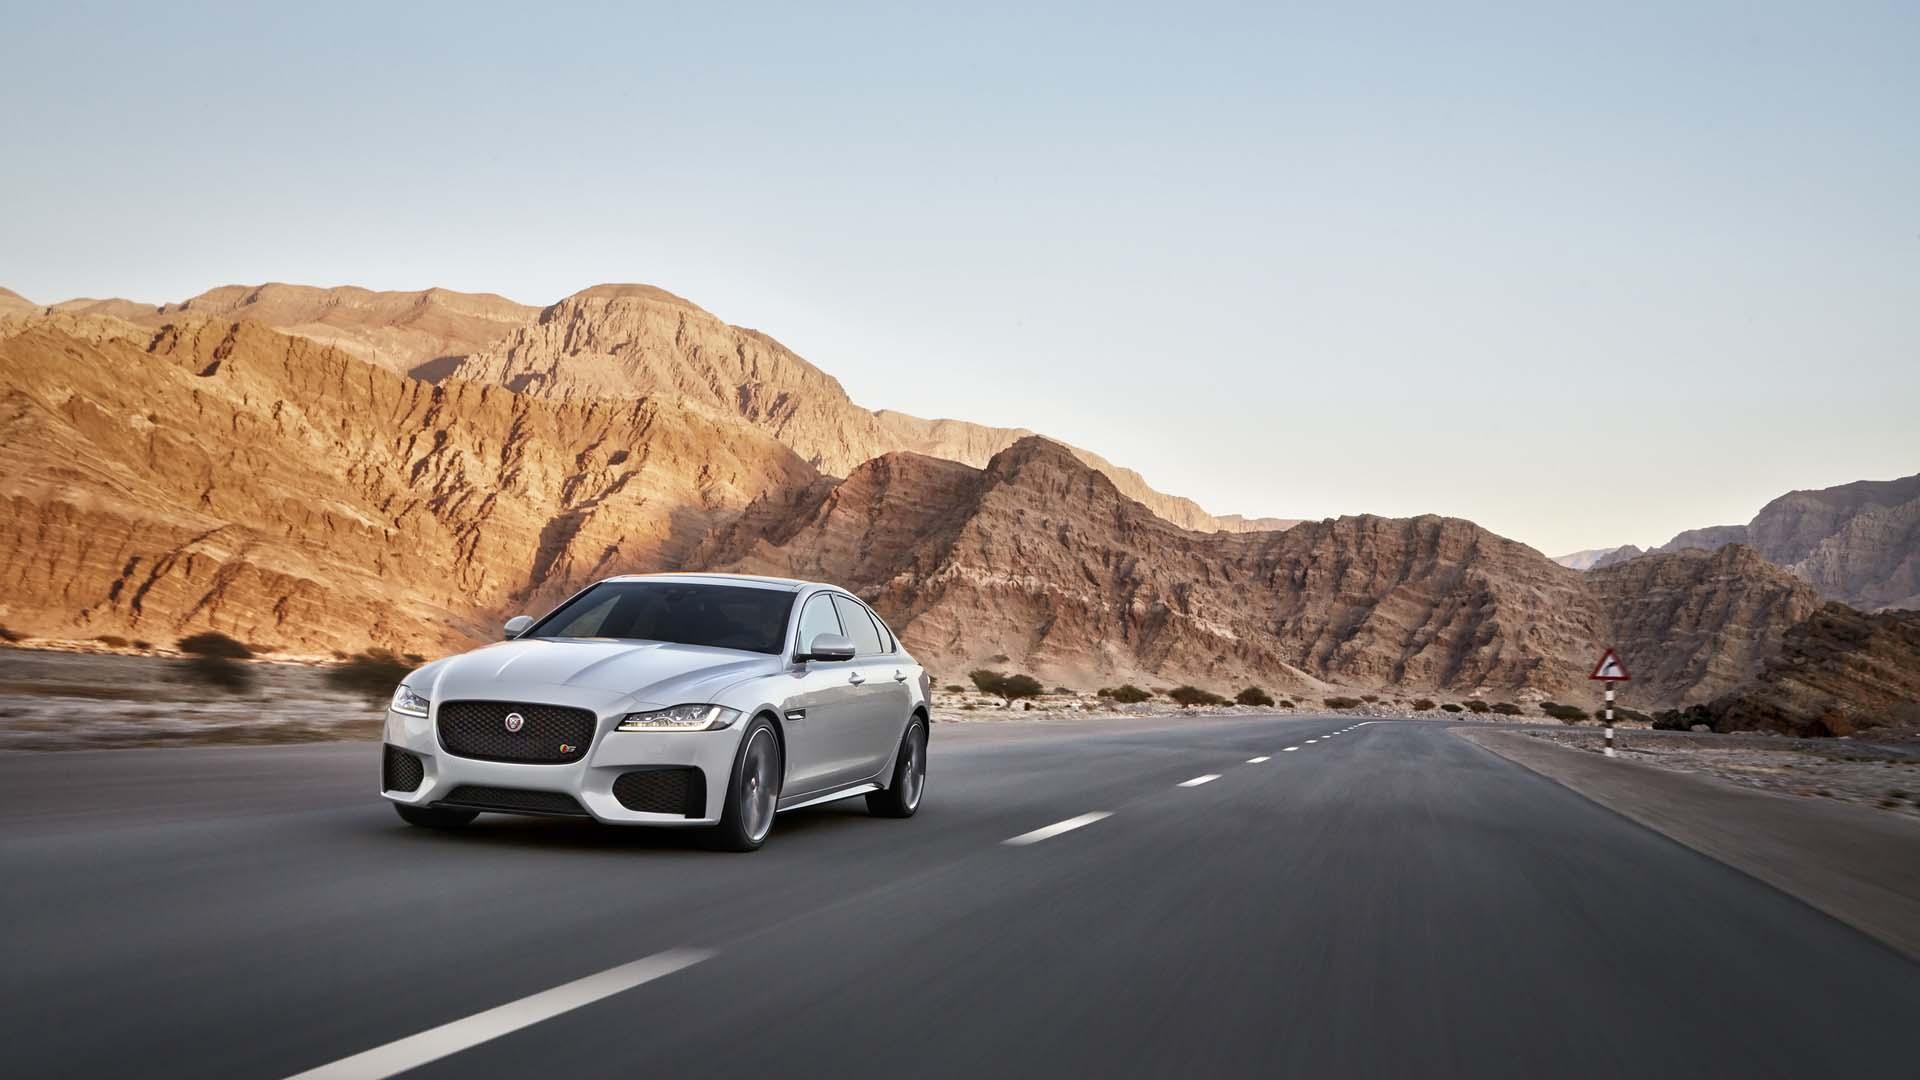 Audi ha publicitado su nuevo vehículo con un creativo spot que invita a disfrutar de la diversidad sin etiquetas